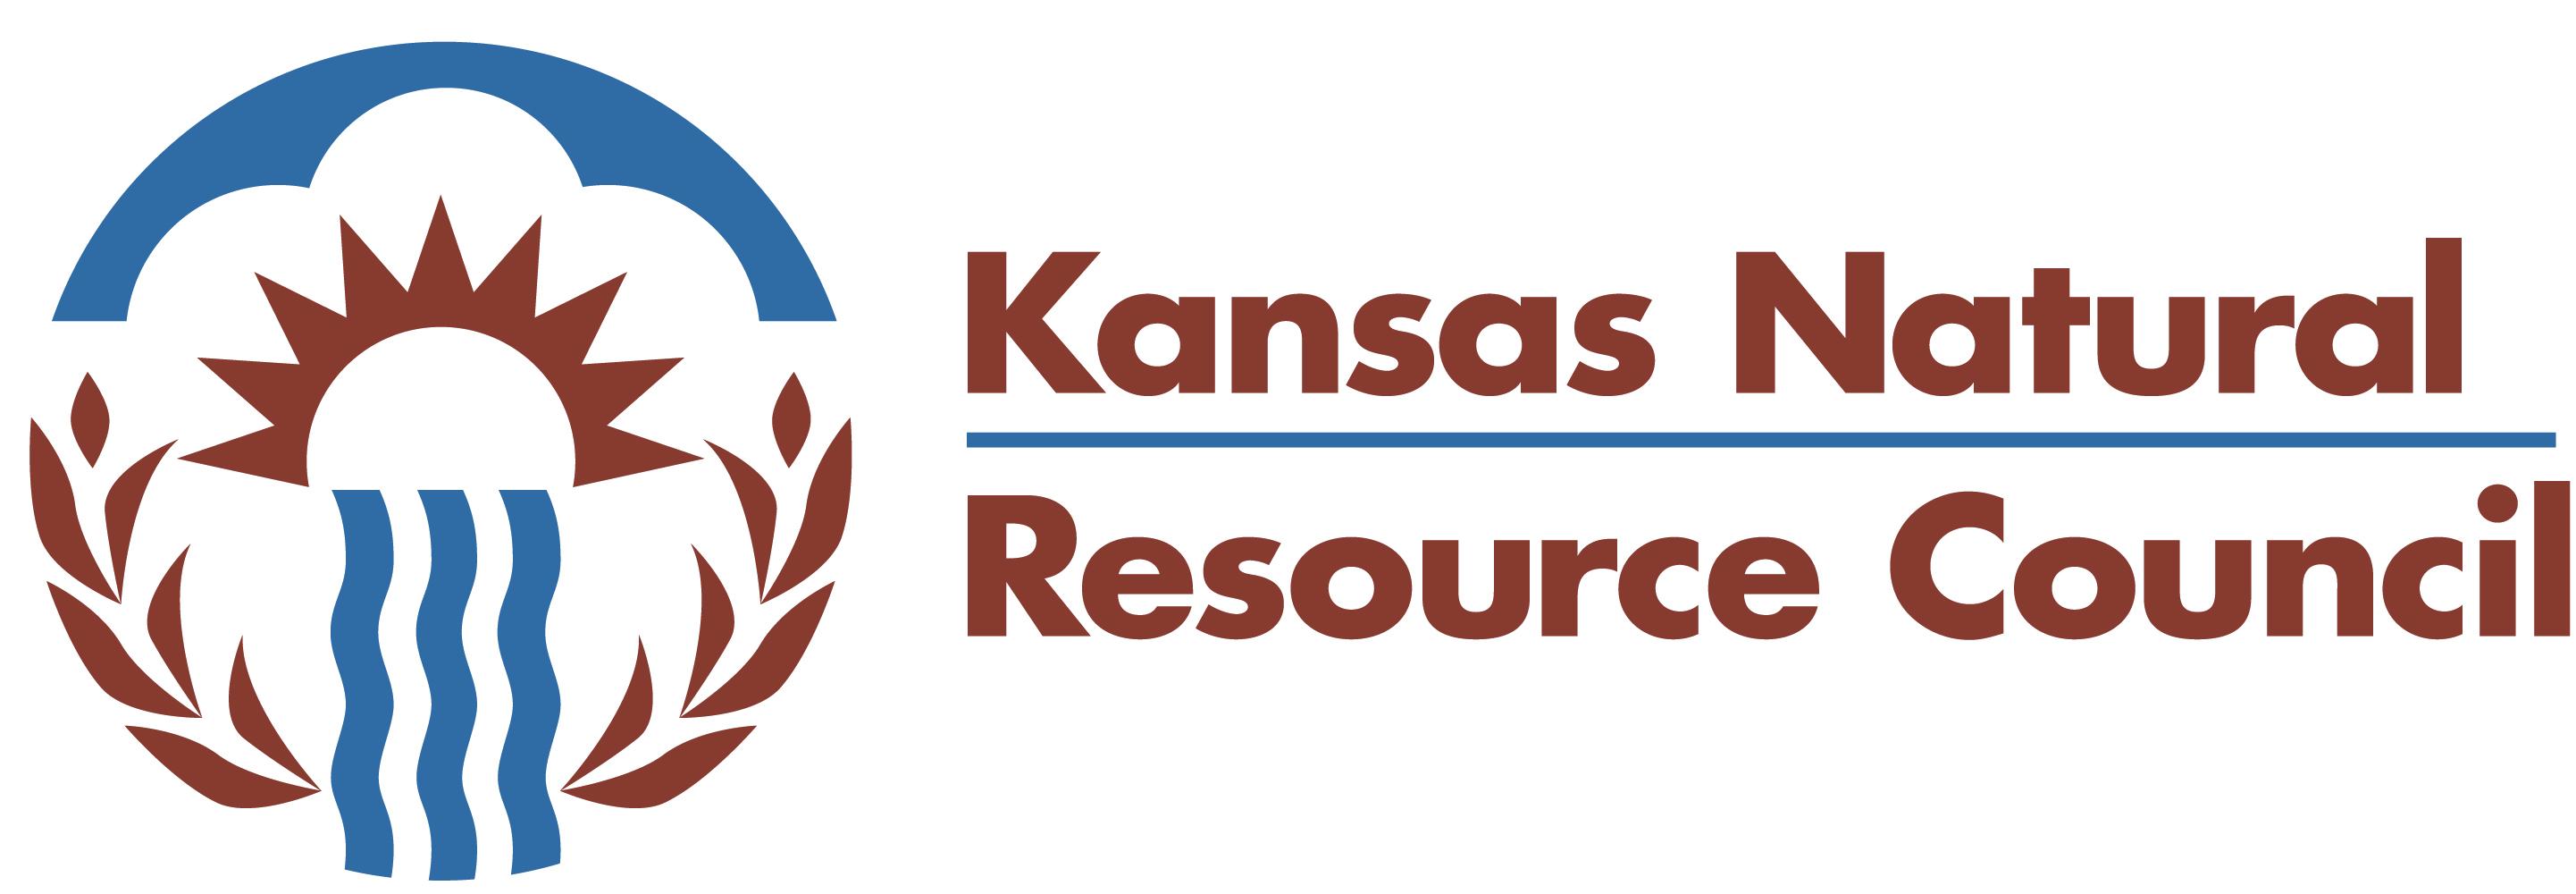 Kansas Natural Resource Council